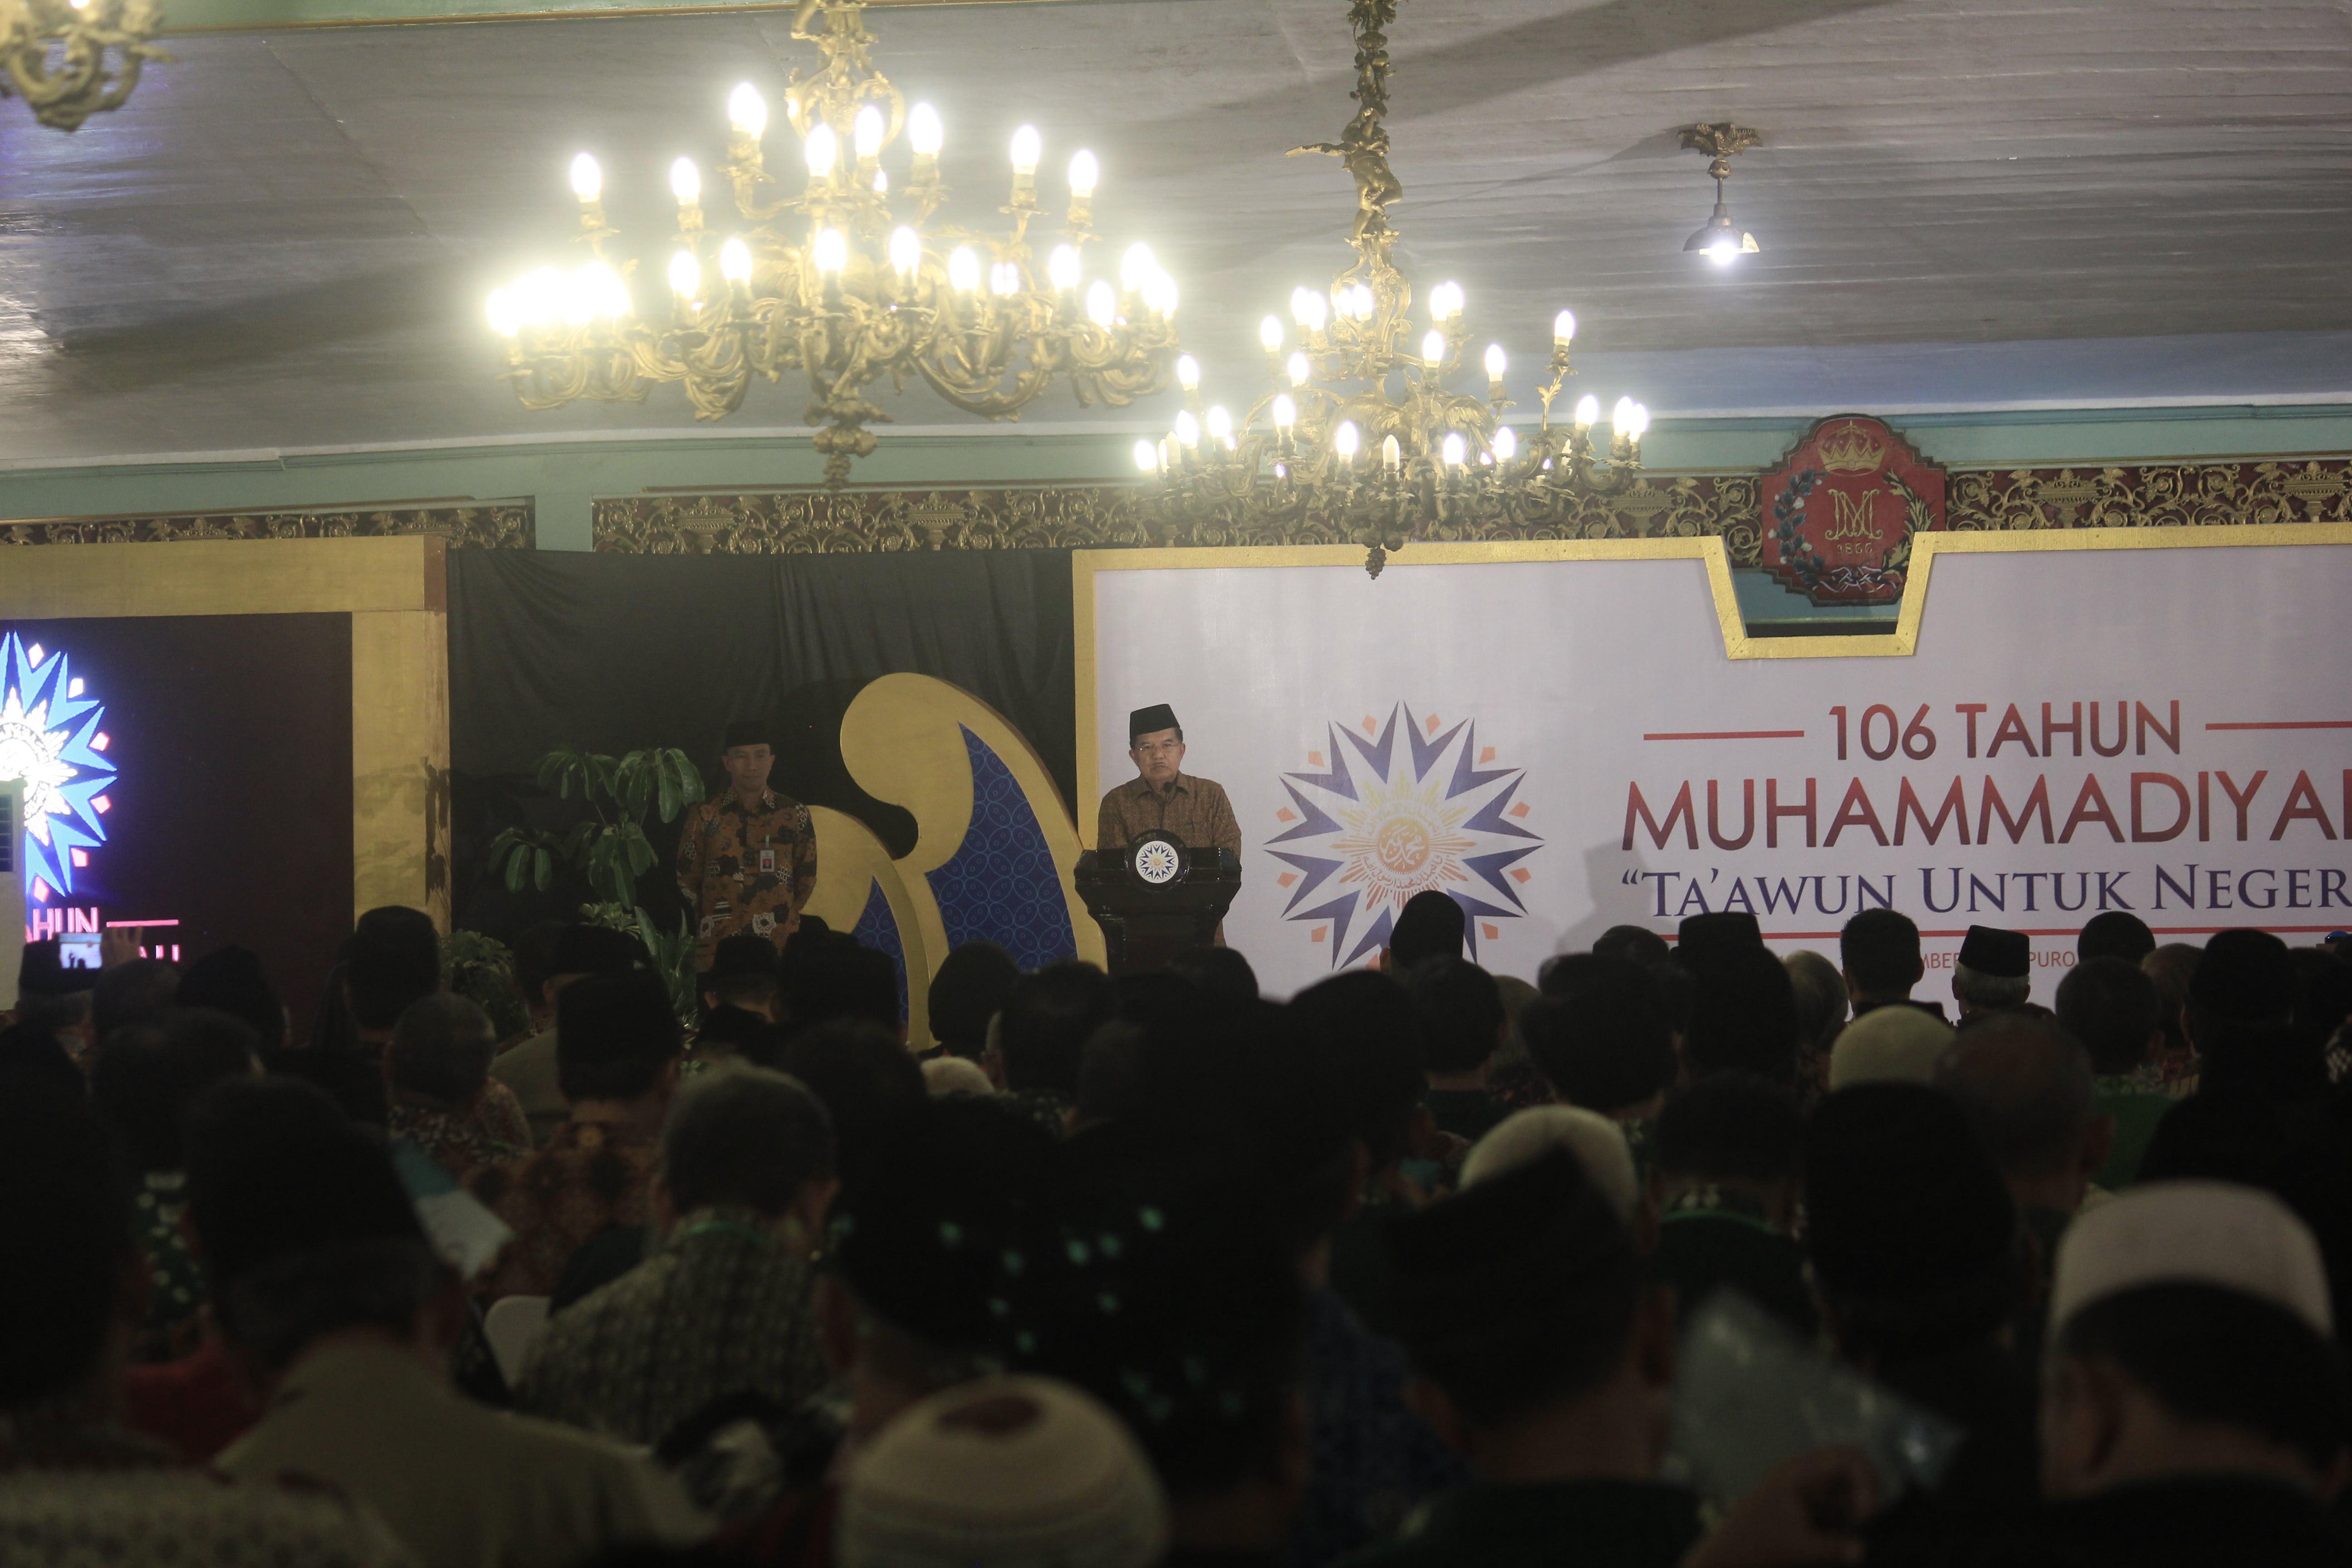 Jusuf Kalla Muhammadiyah Berandil Besar Dalam Kemajuan Bangsa Produk Ukm Bumn Bella Dan Balon Merah